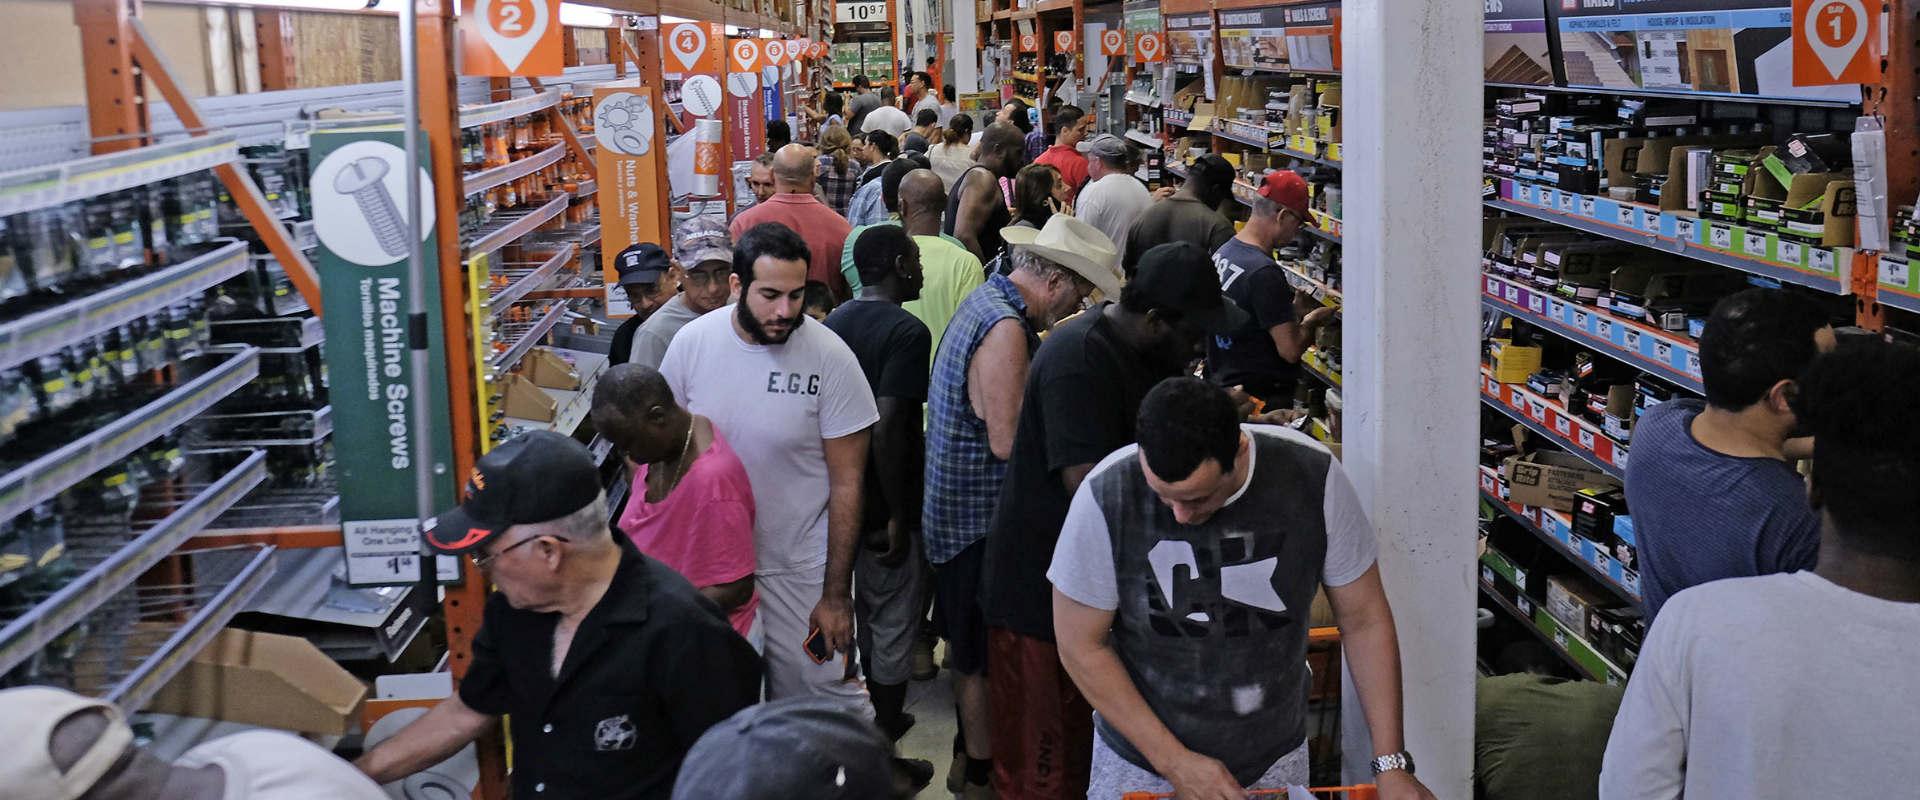 תושבי פלורידה מצטיידים בסופרמרקטים לקראת הסופה